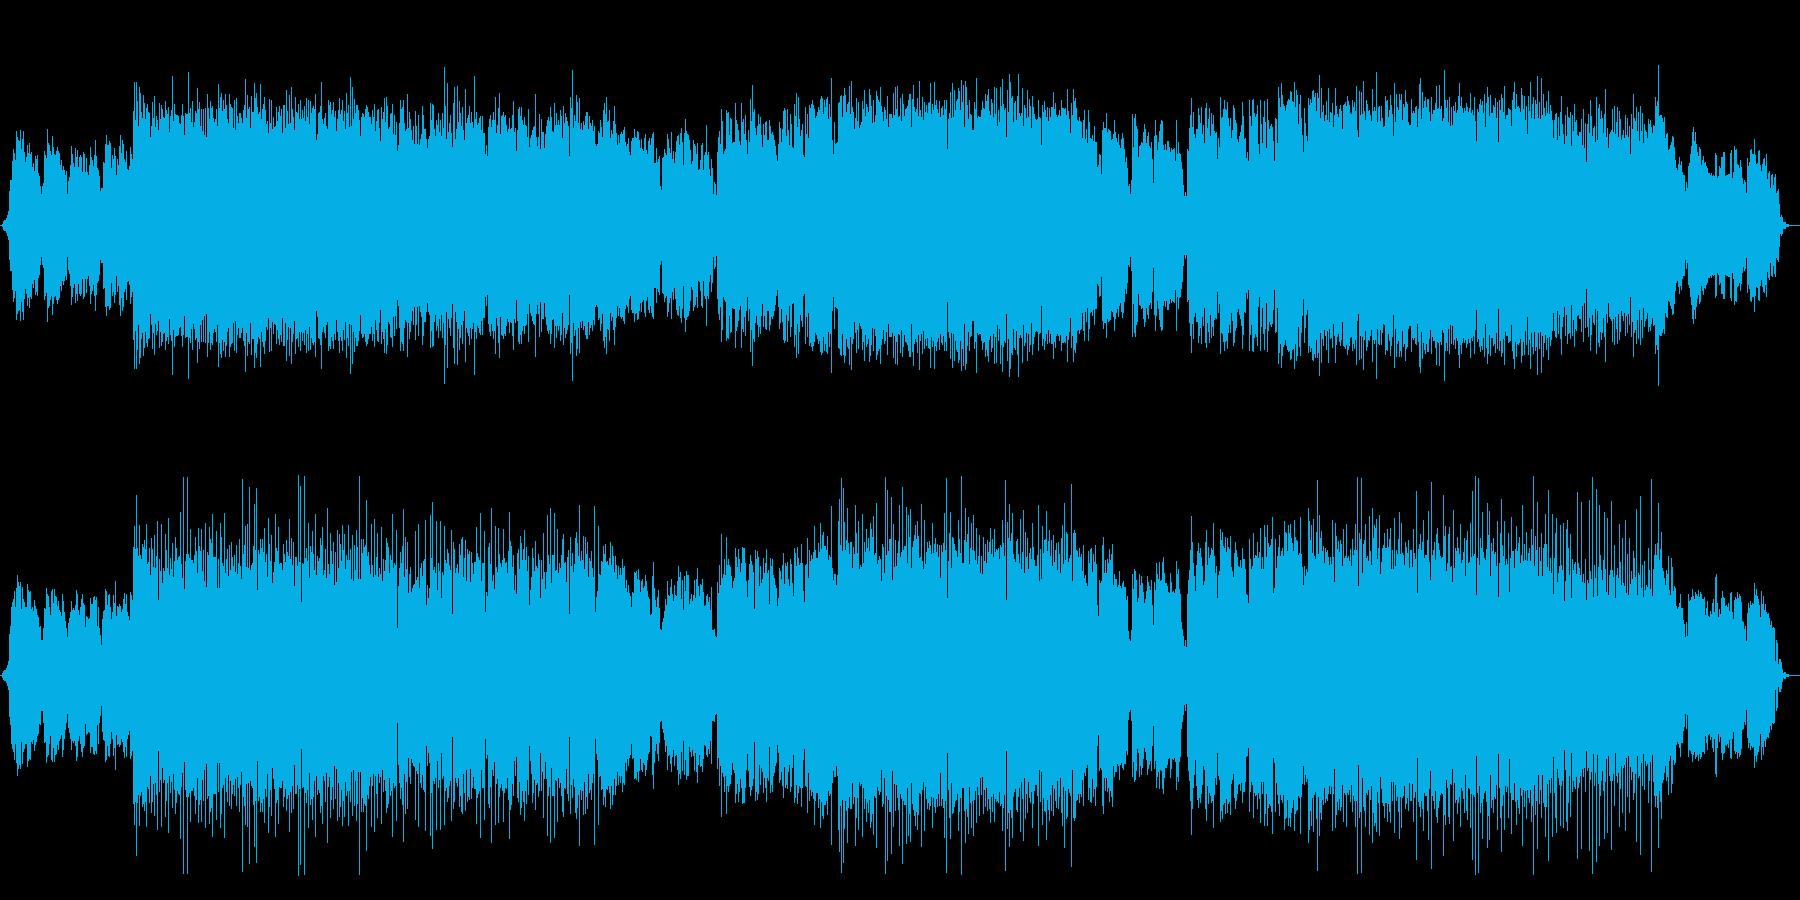 和風ハウスEDM 日本 尺八生演奏の再生済みの波形